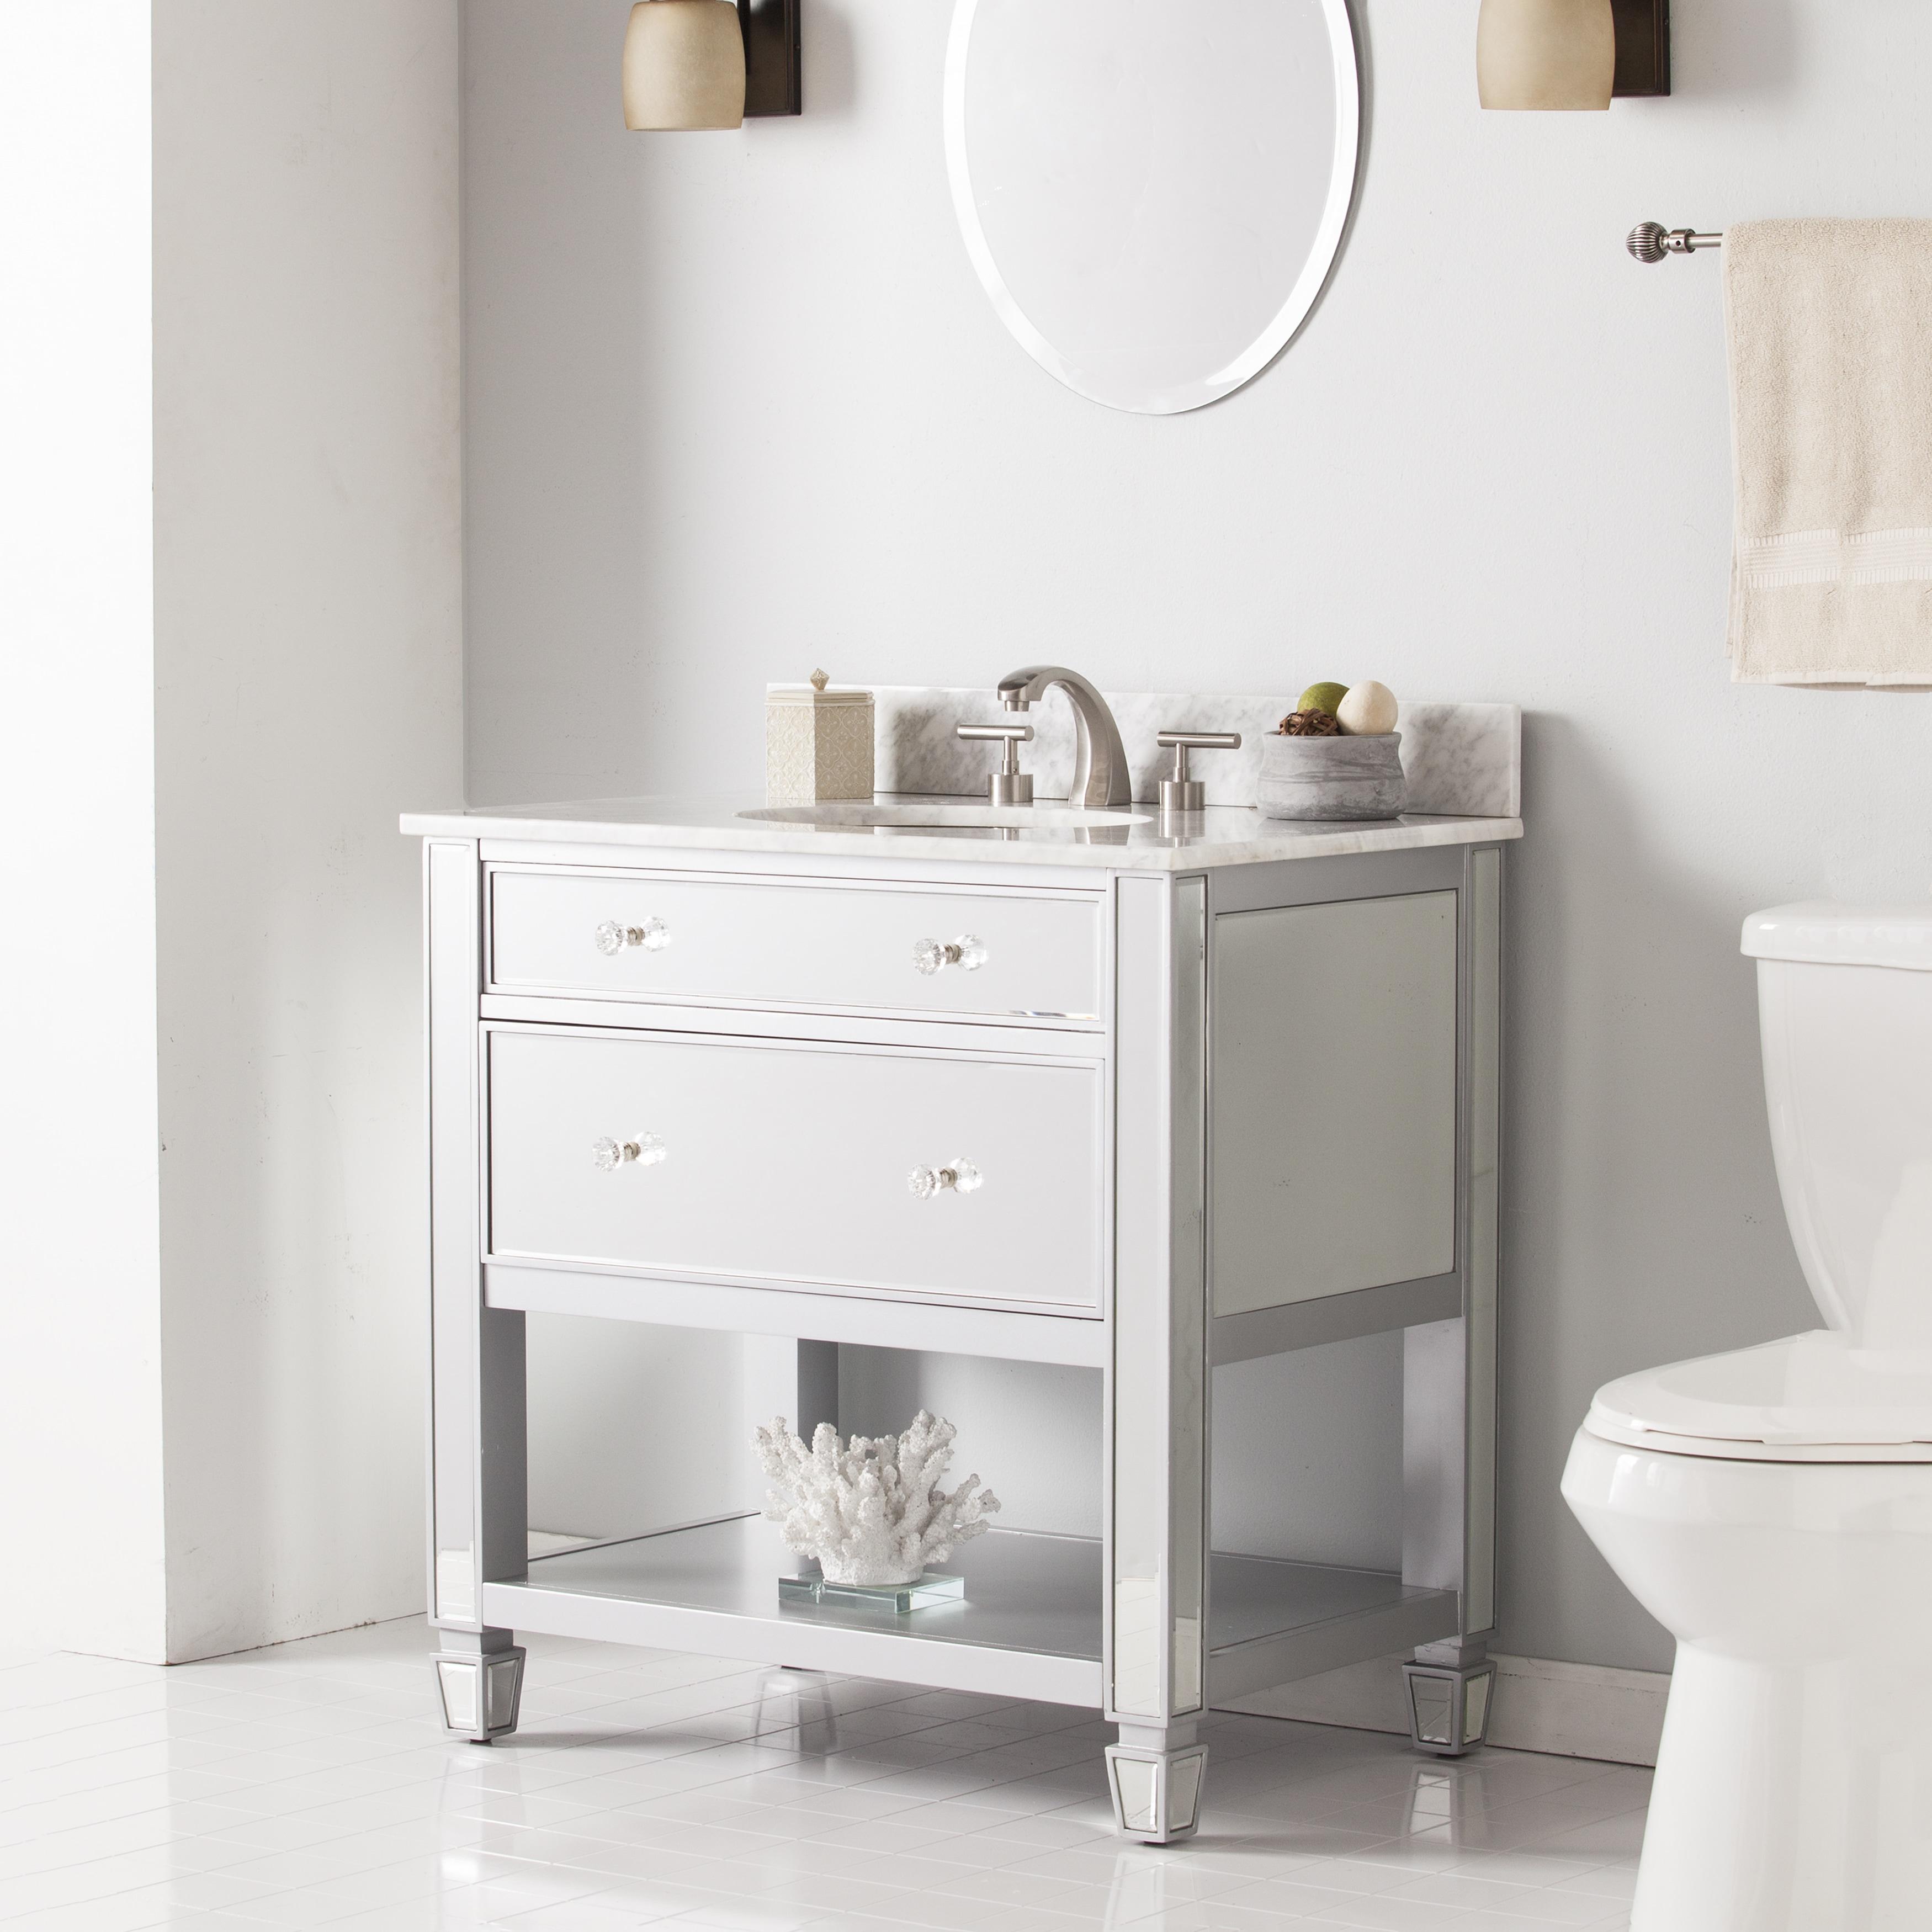 Sutcliffe Marble Top Bath Vanity Sink